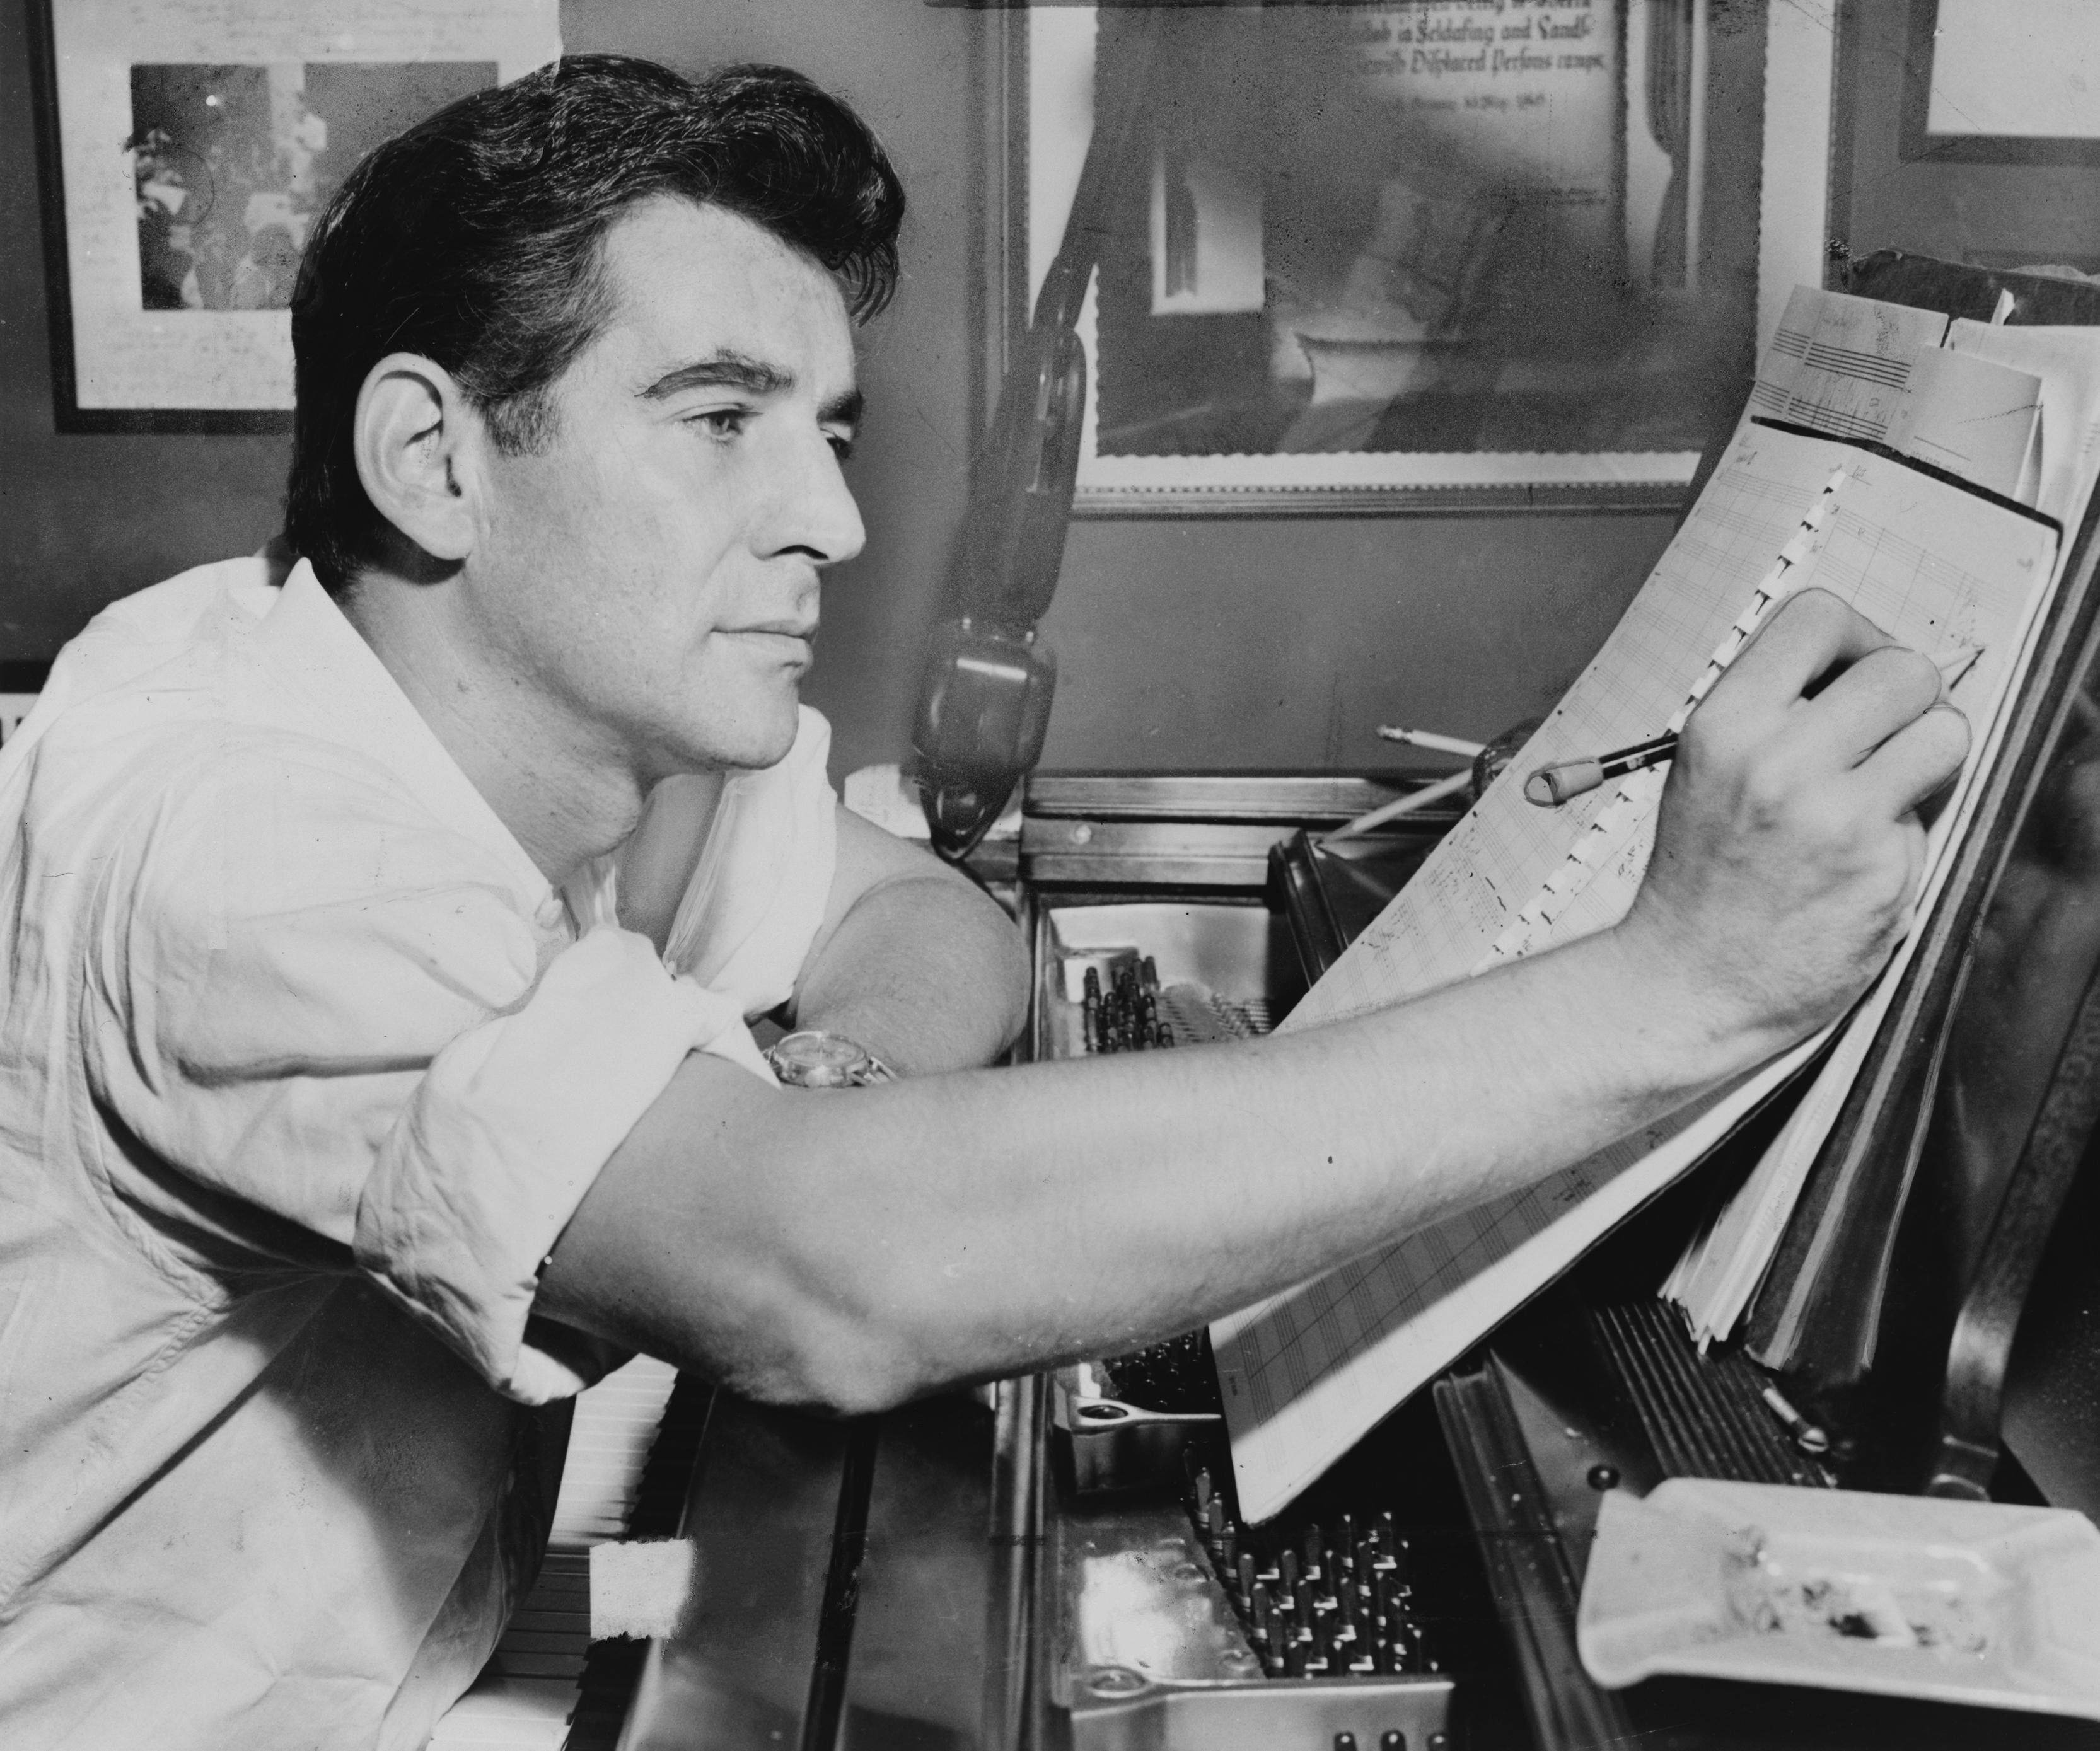 p5-6_Dyer_Leonard Bernstein Composing.jpg